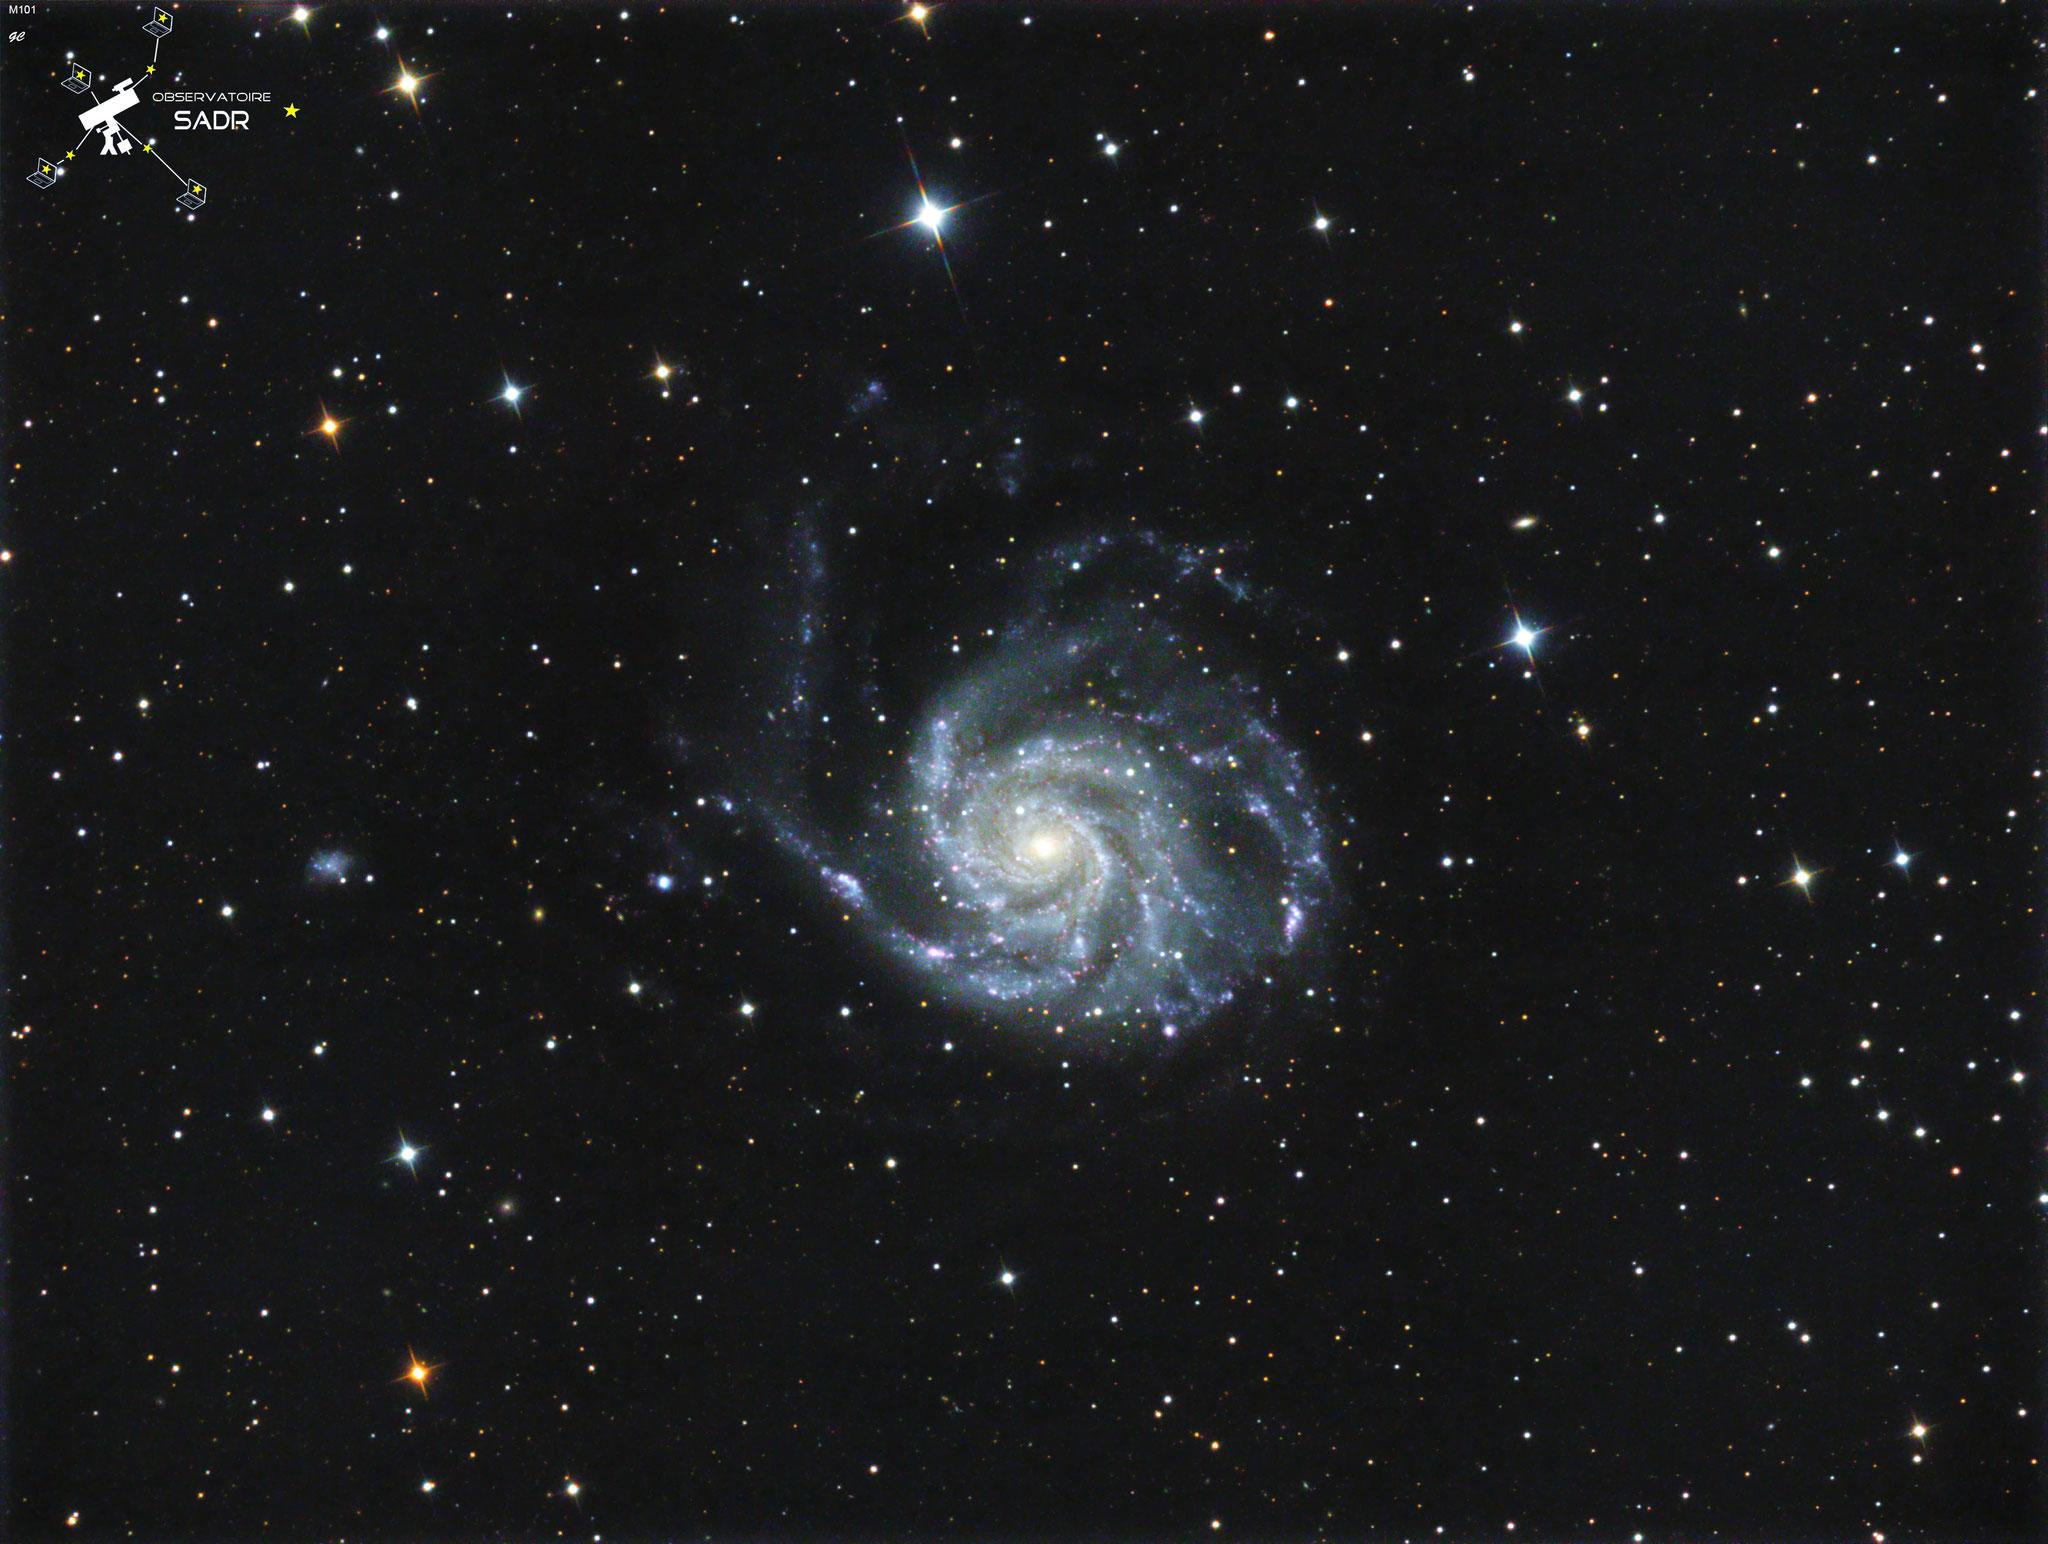 M101, Ha (8 x 10min), L(16 x 5min), RVB (8 x 3min), mai 2017, Gilles